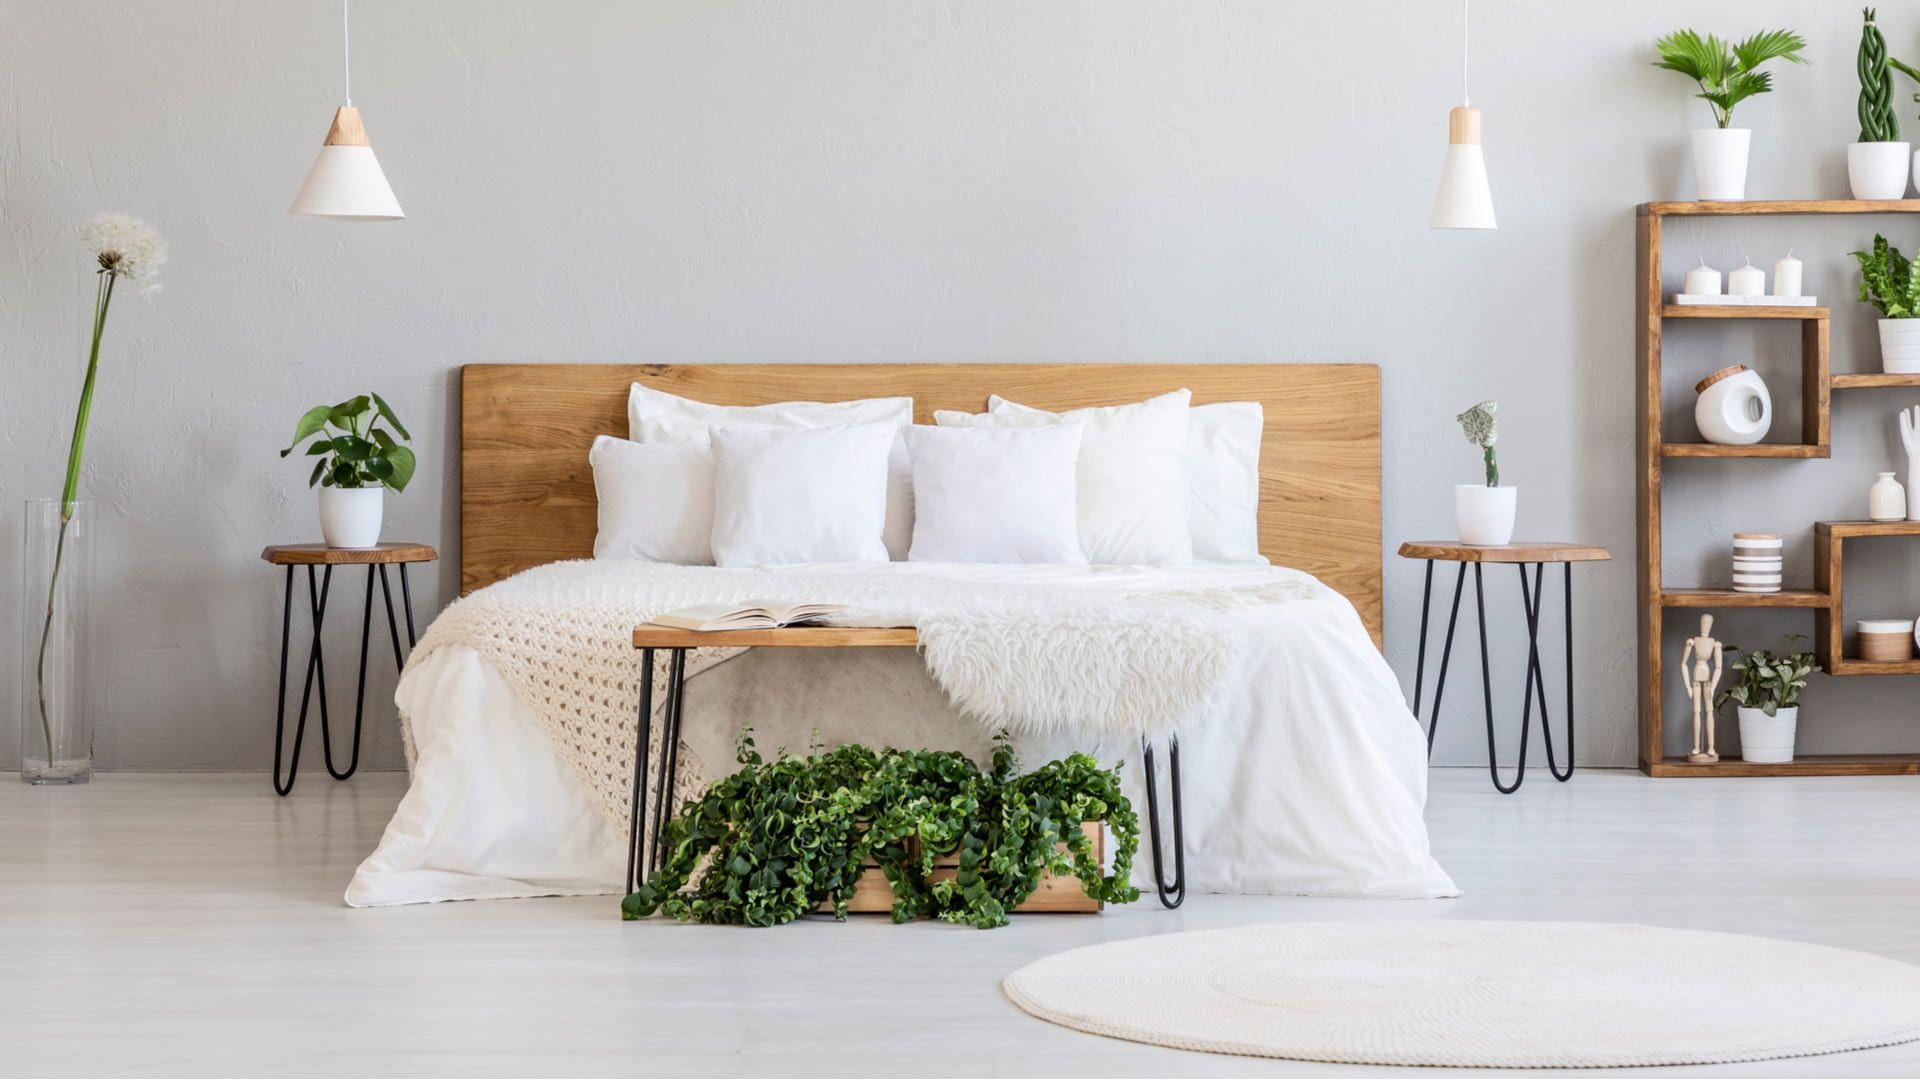 O primeiro passo é medir o espaço disponível para a cama no quarto. (Imagem: Reprodução/Shutterstock)